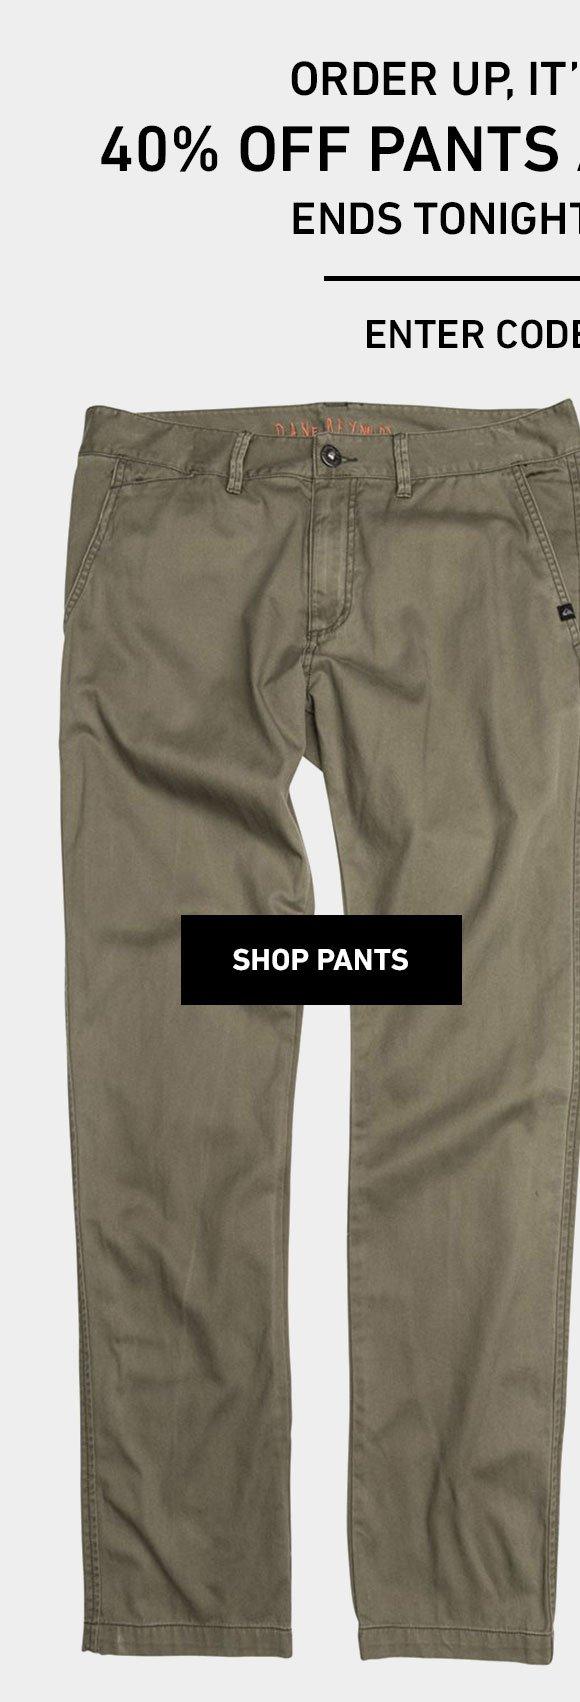 40% Off Pants! Enter Code: STEPITUP